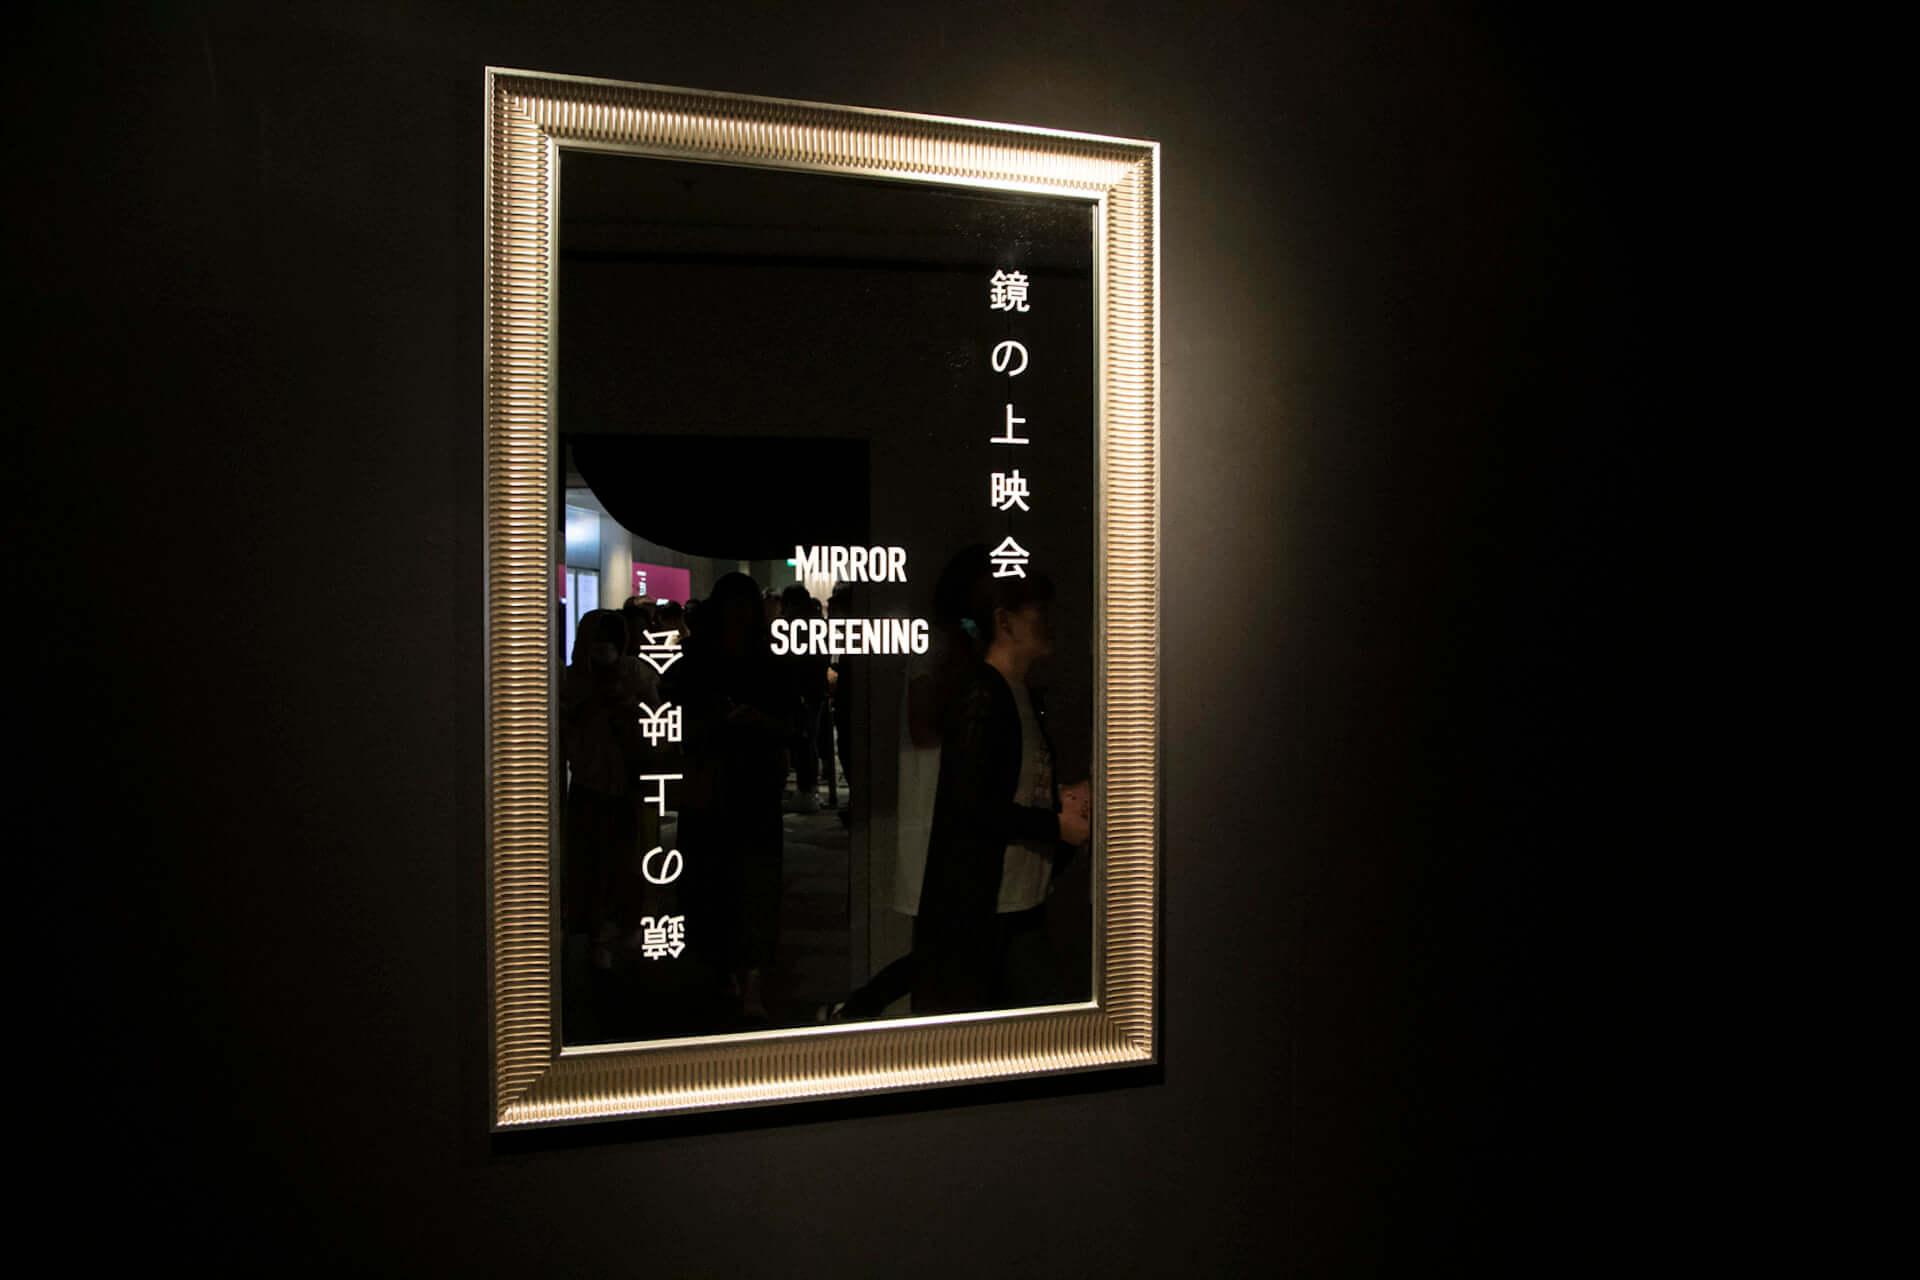 米津玄師「馬と鹿」MV、ついに解禁|<鏡の上映会>で観客とひとつに music190903_yonezukenshi_mv_5-1920x1280